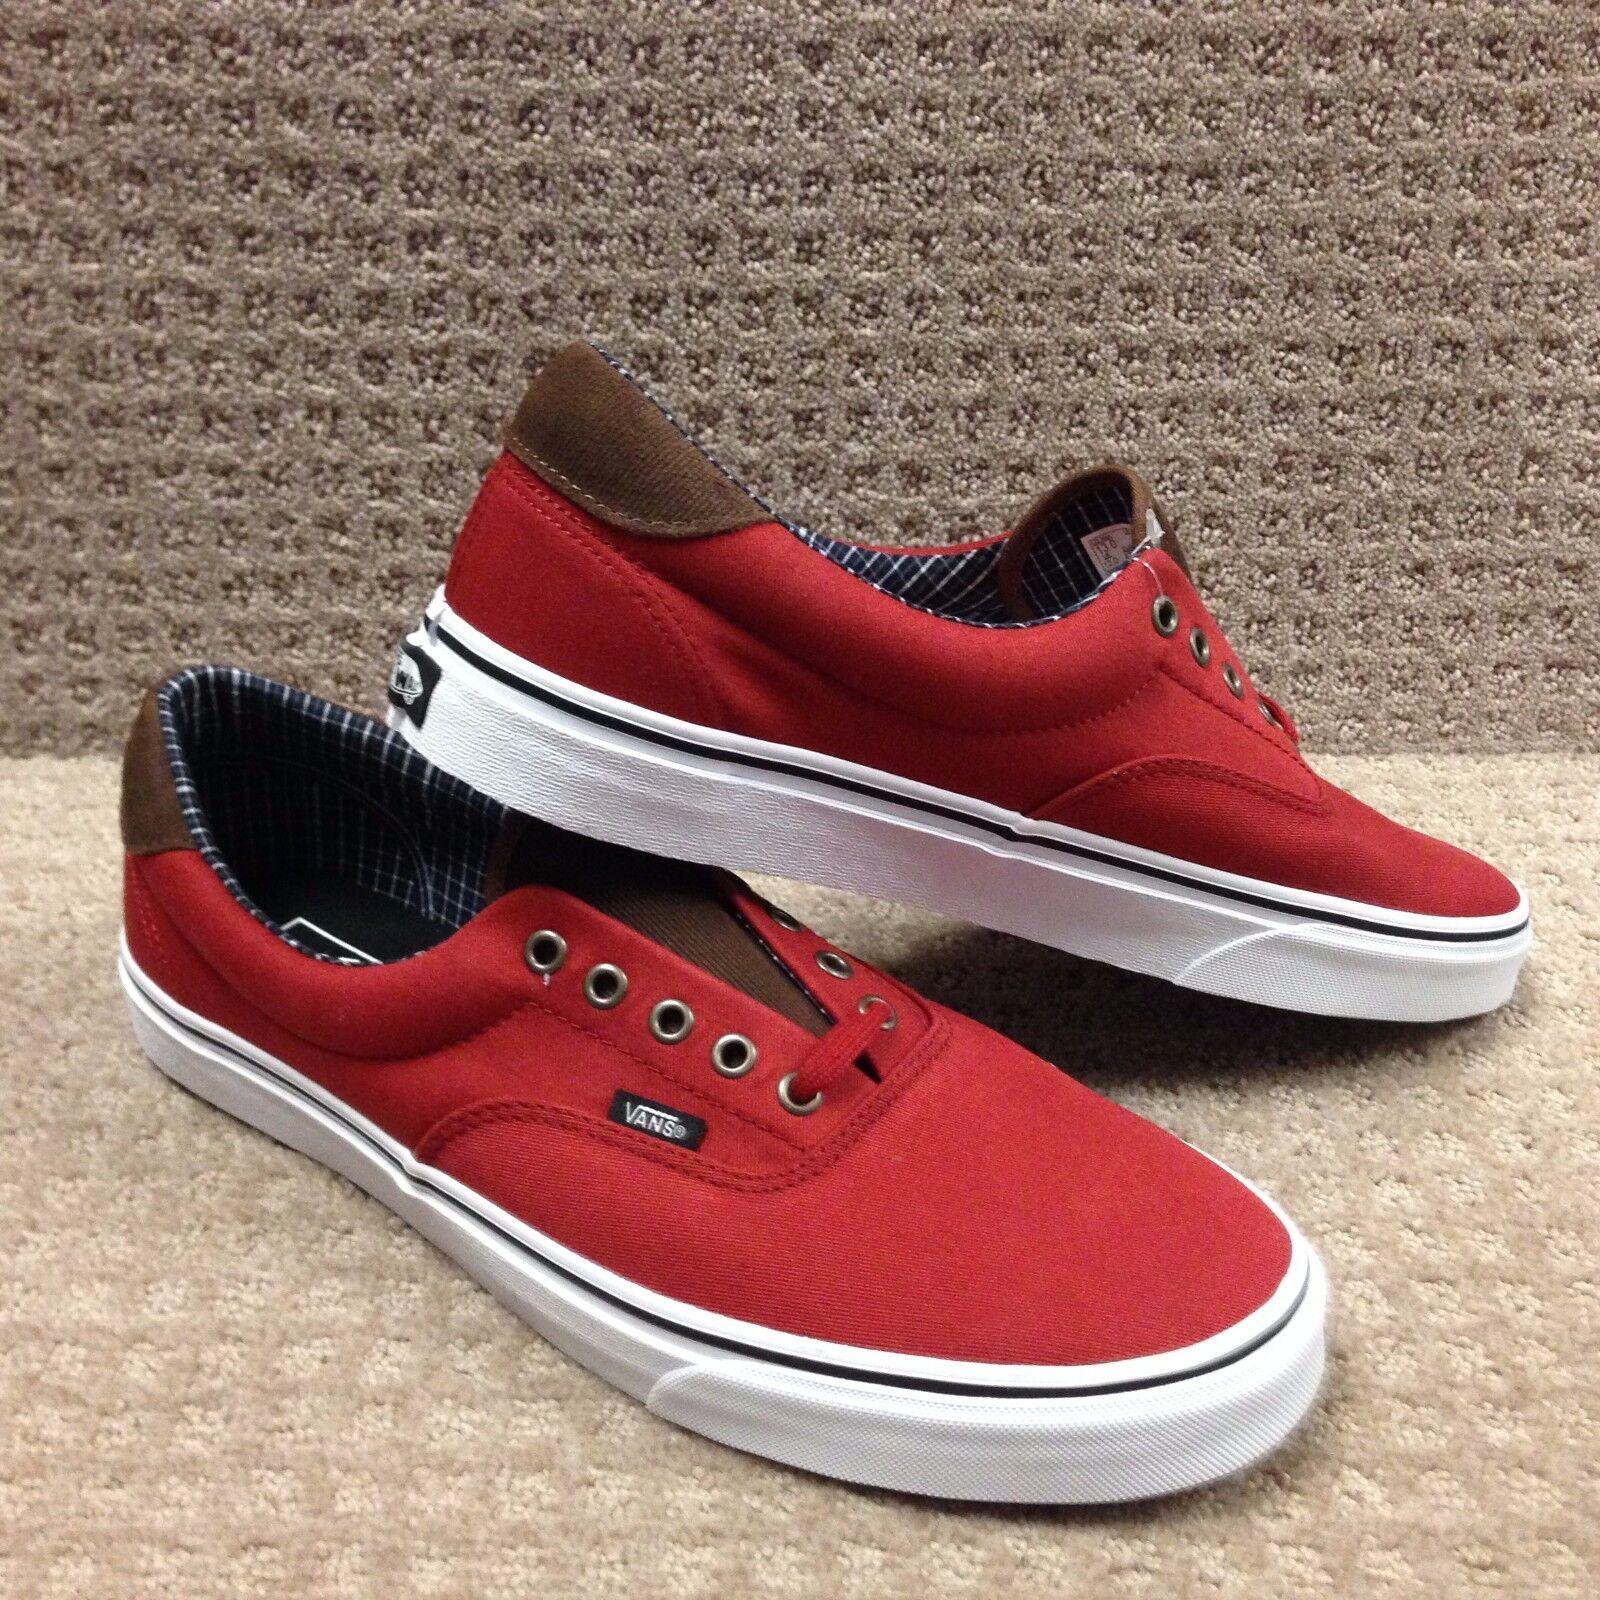 Vans Men's shoes  Era 59  -- (Cord &Plaid) Red Dahlia